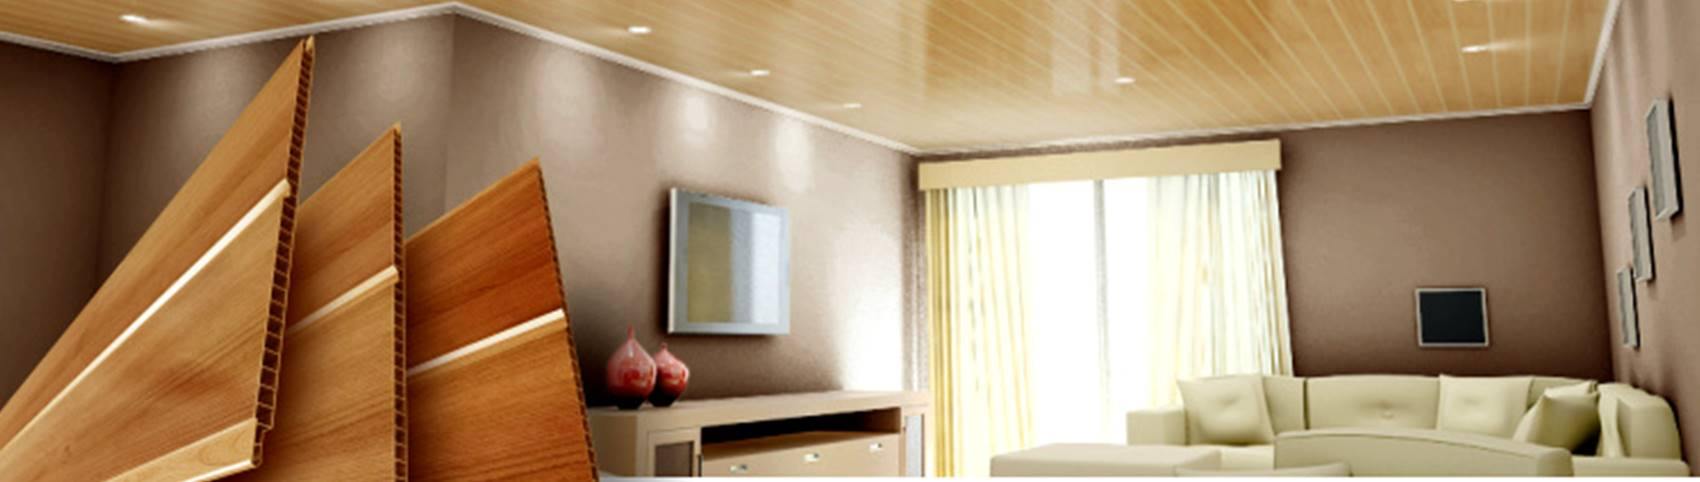 Instalação de forro de pvc em Alphaville, distribuidora e venda de forros de drywall, placas drywall, painel drywall, moldura, gesso em pó, gesso, PVC, Divisória de eucatex, divisória naval, placas 3D, gesso 3D, Fibra mineral, plaquinha de gesso, palete painel drywall, isopor, placa de isopor, forro de isopor, forro de pvc, Instalação de forro de pvc em Alphaville